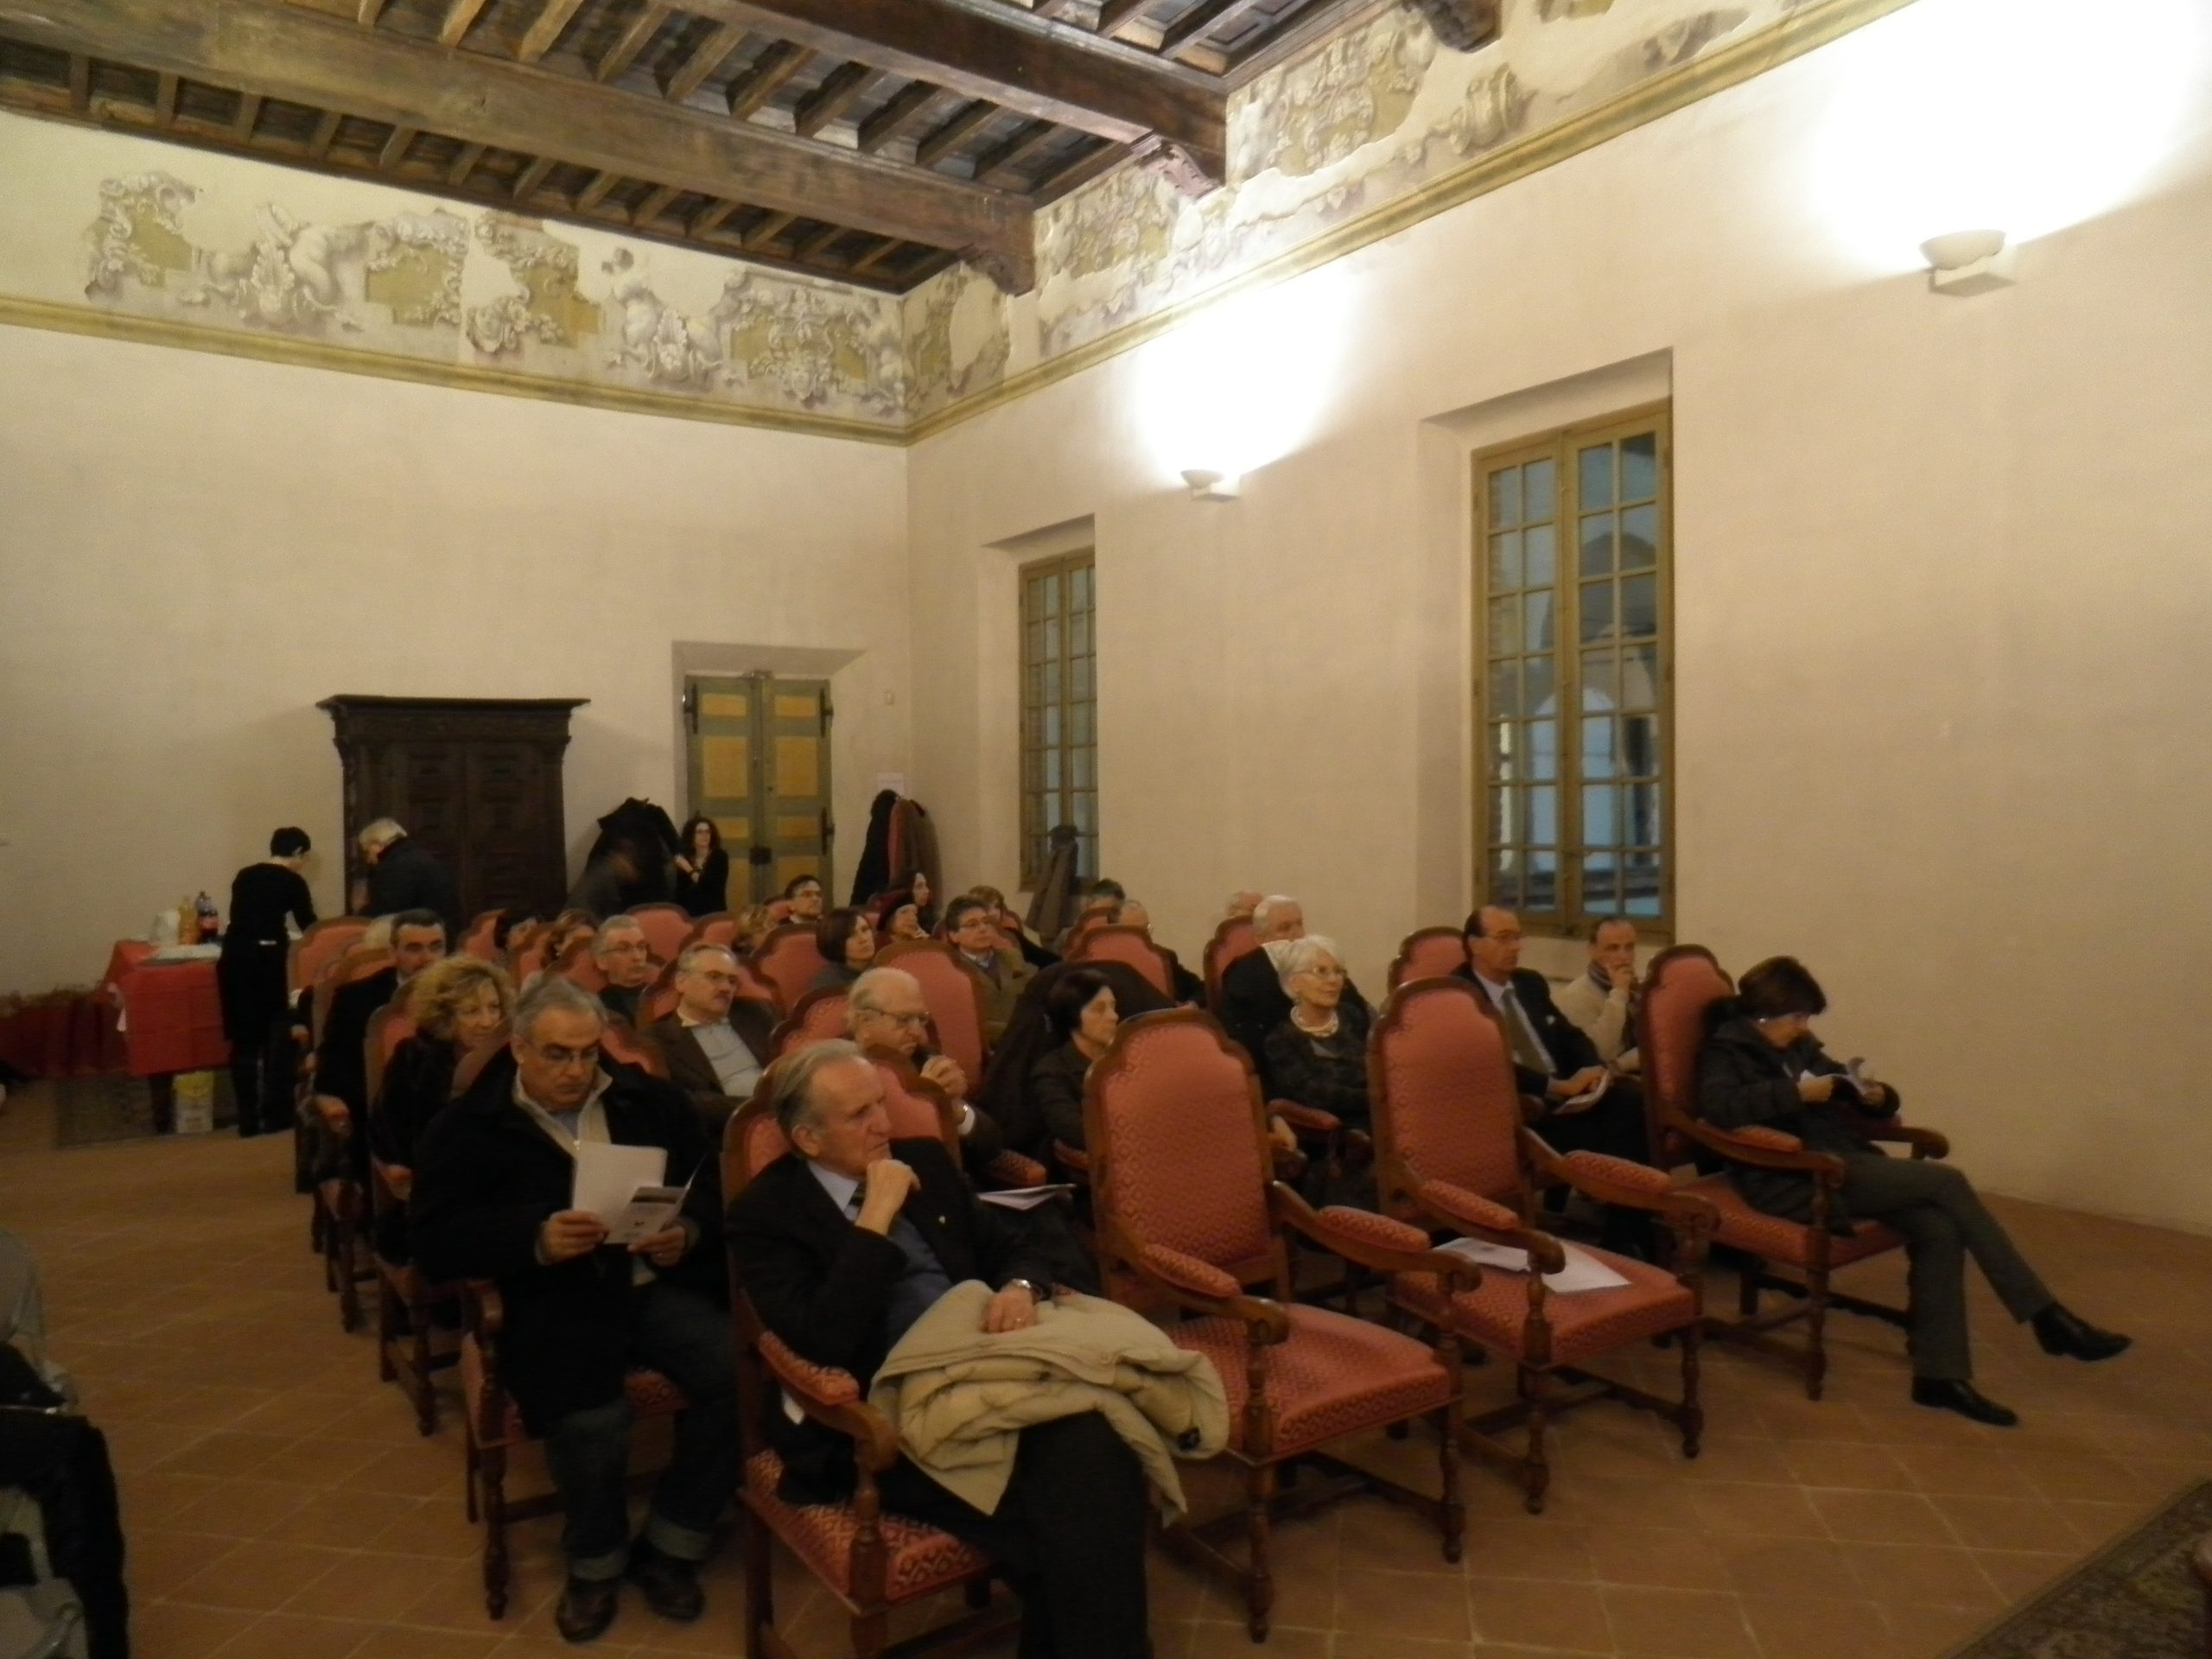 assemblea-soci-anno-2010-piacenza-musei-aps-3-scaled